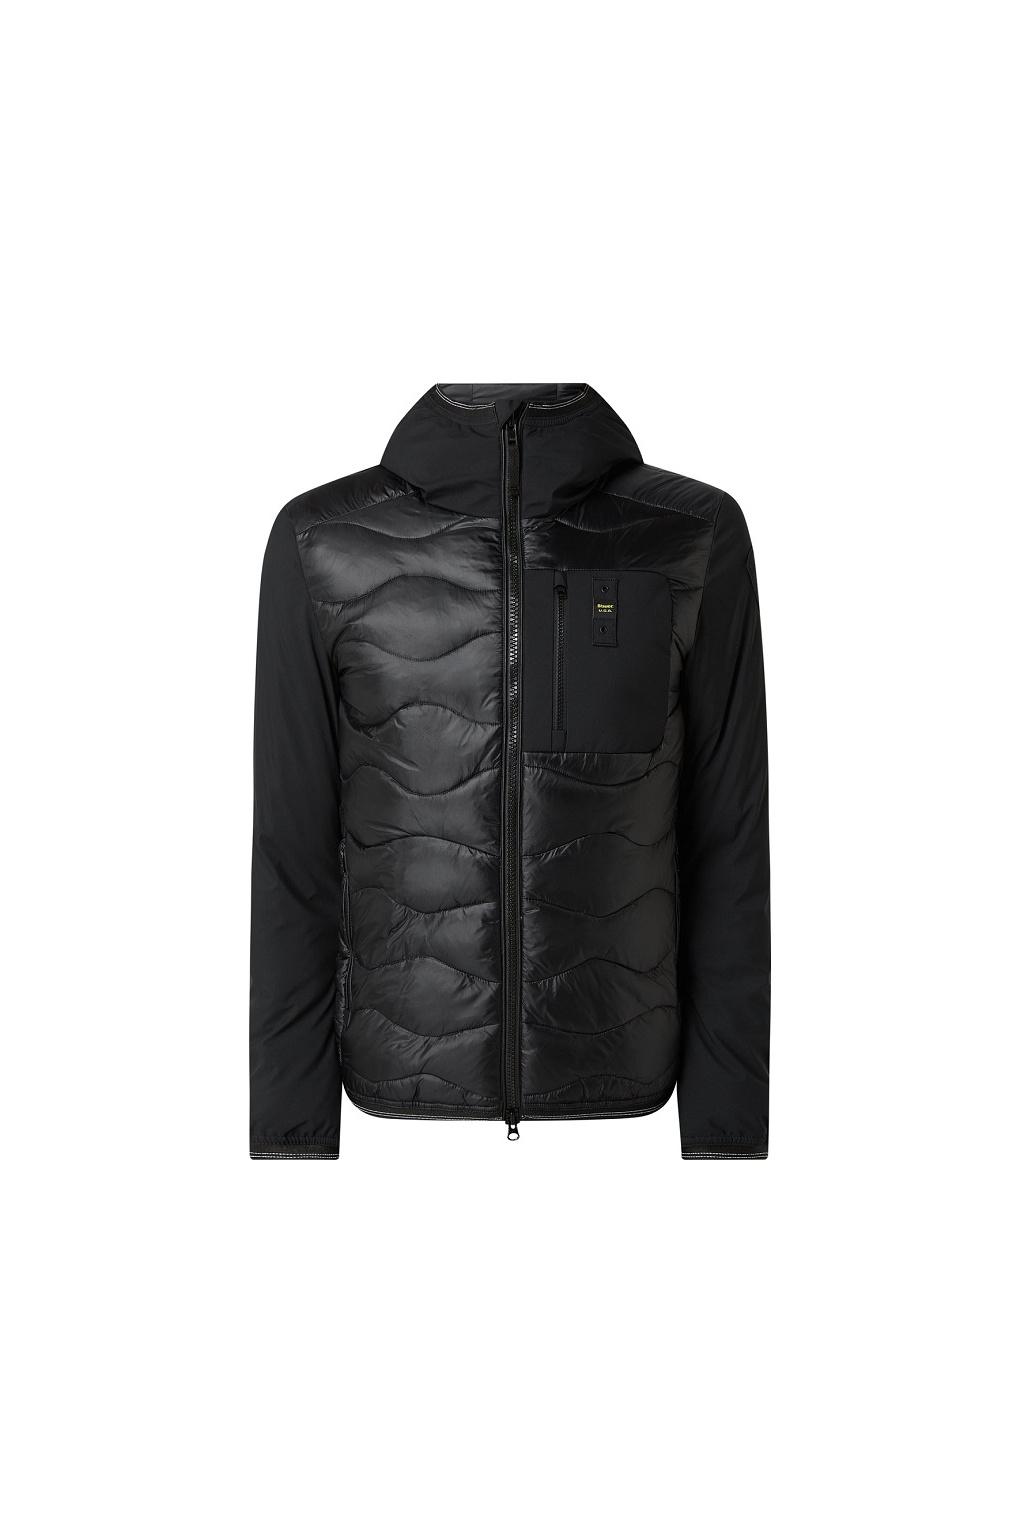 20WBLUC08105 Pánská péřová bunda Blauer černá